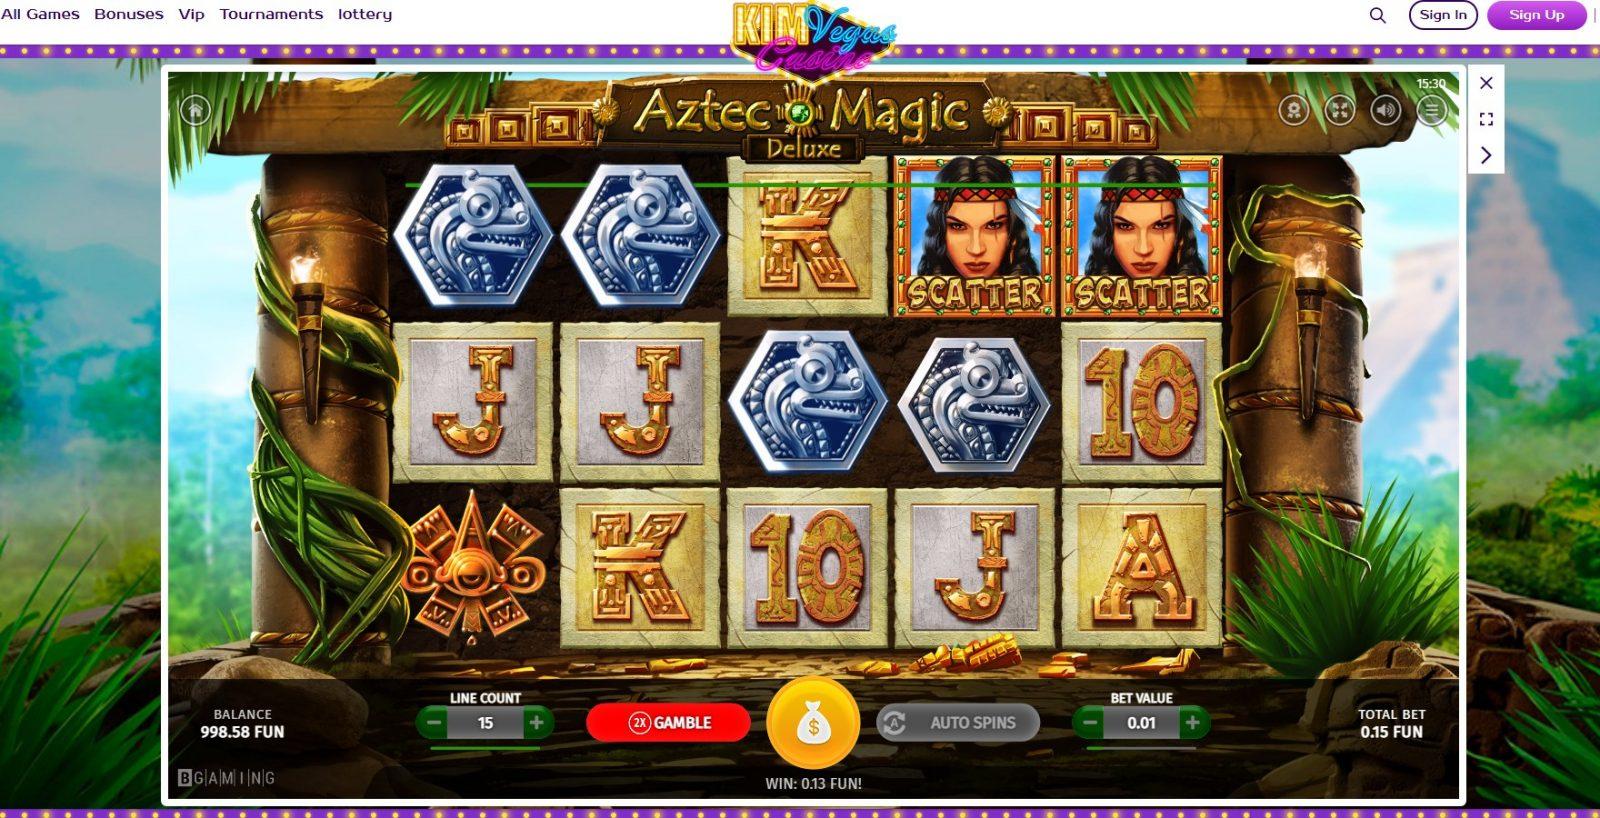 kim_vegas_casino_Aztec_of_Magic